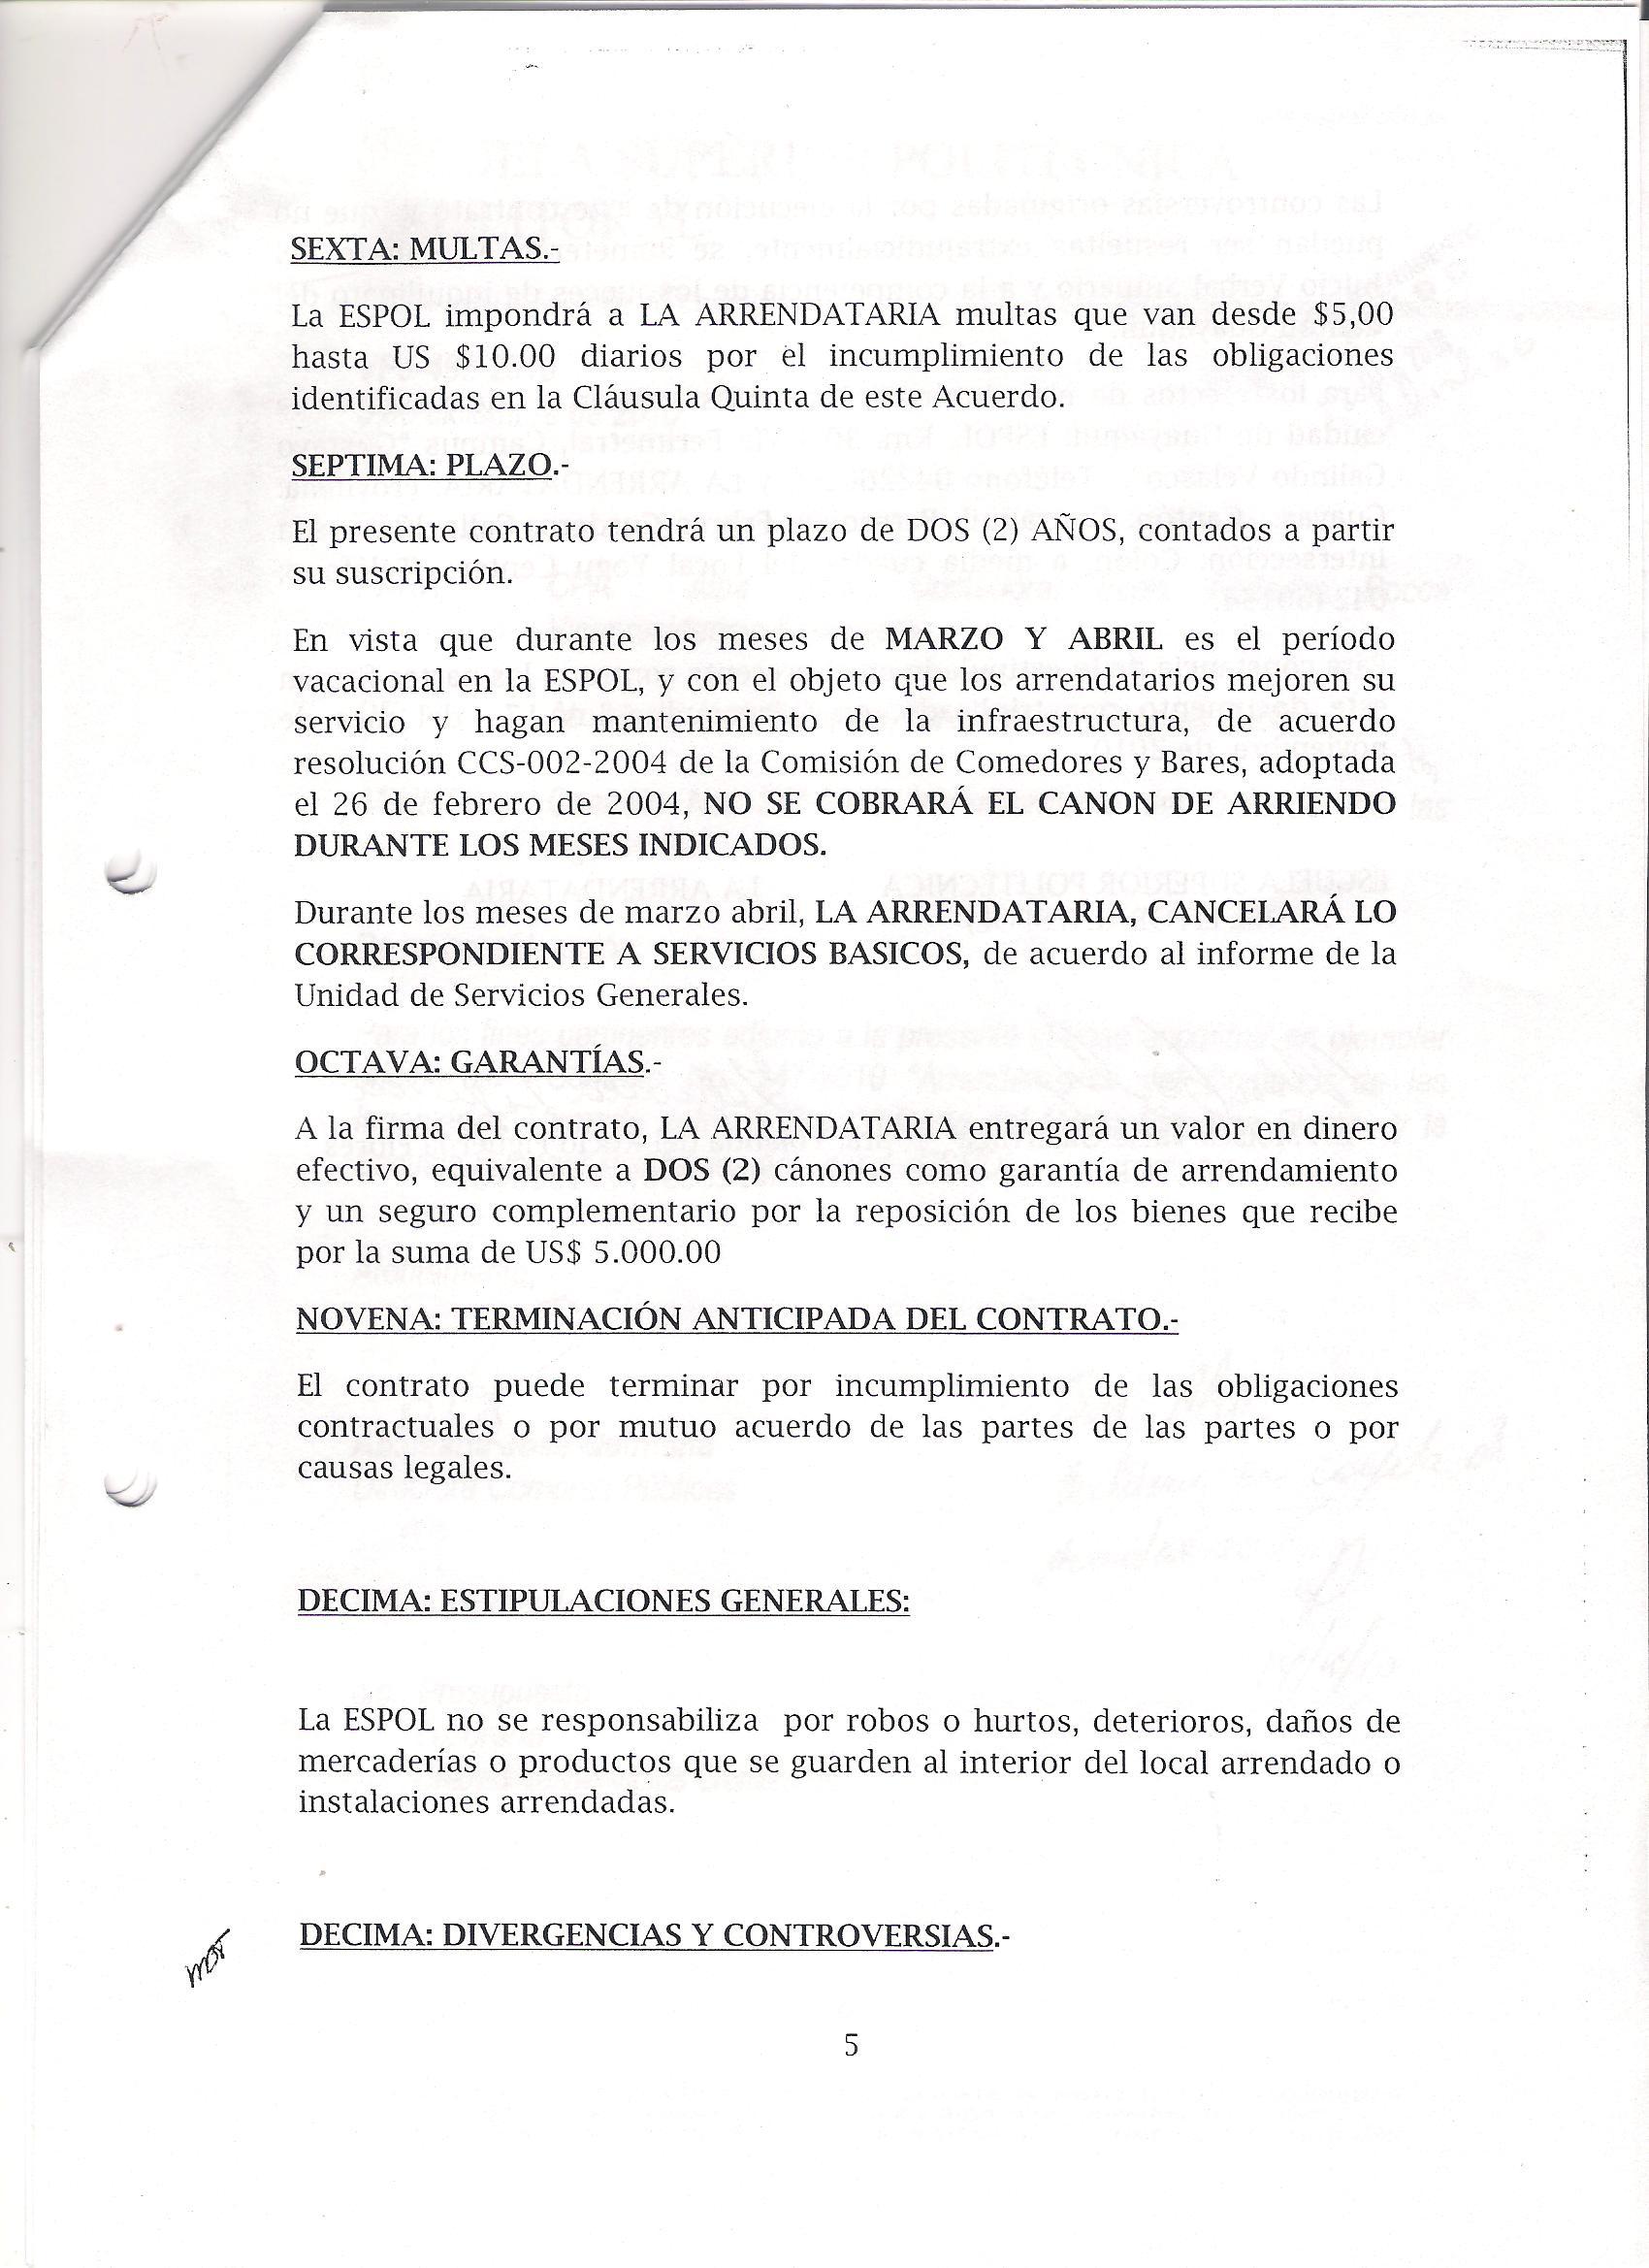 Ejemplo de contrato de arrendamiento de local tattoo for Arrendamiento de bienes muebles ejemplos